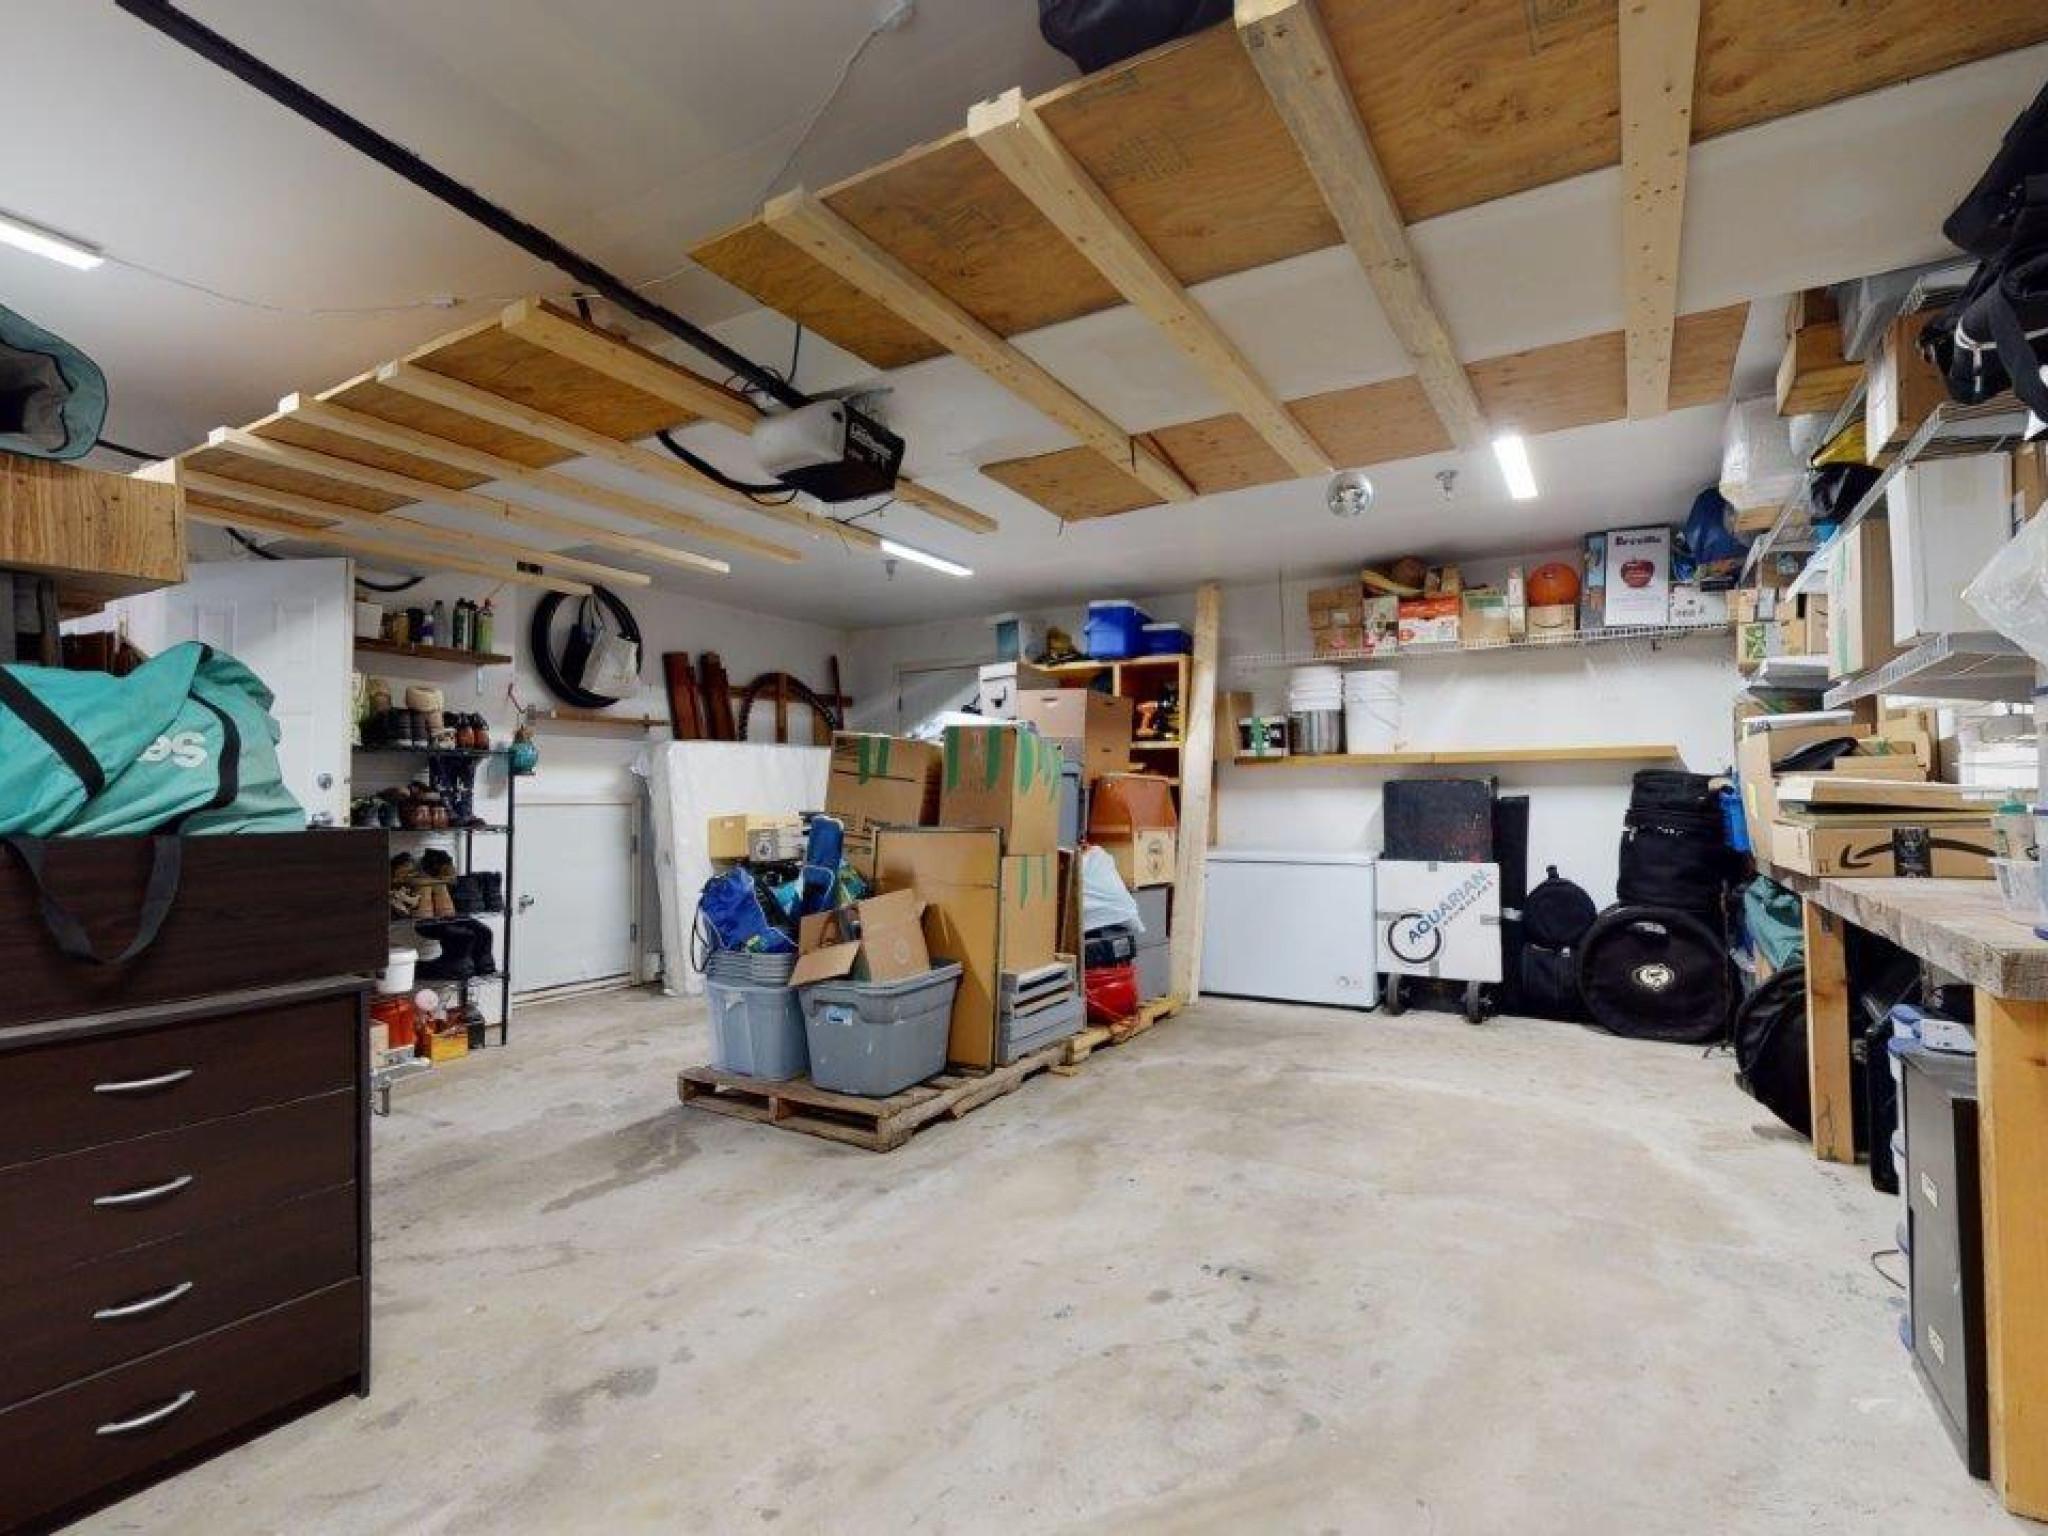 13-7400 Arbutus Street image 23